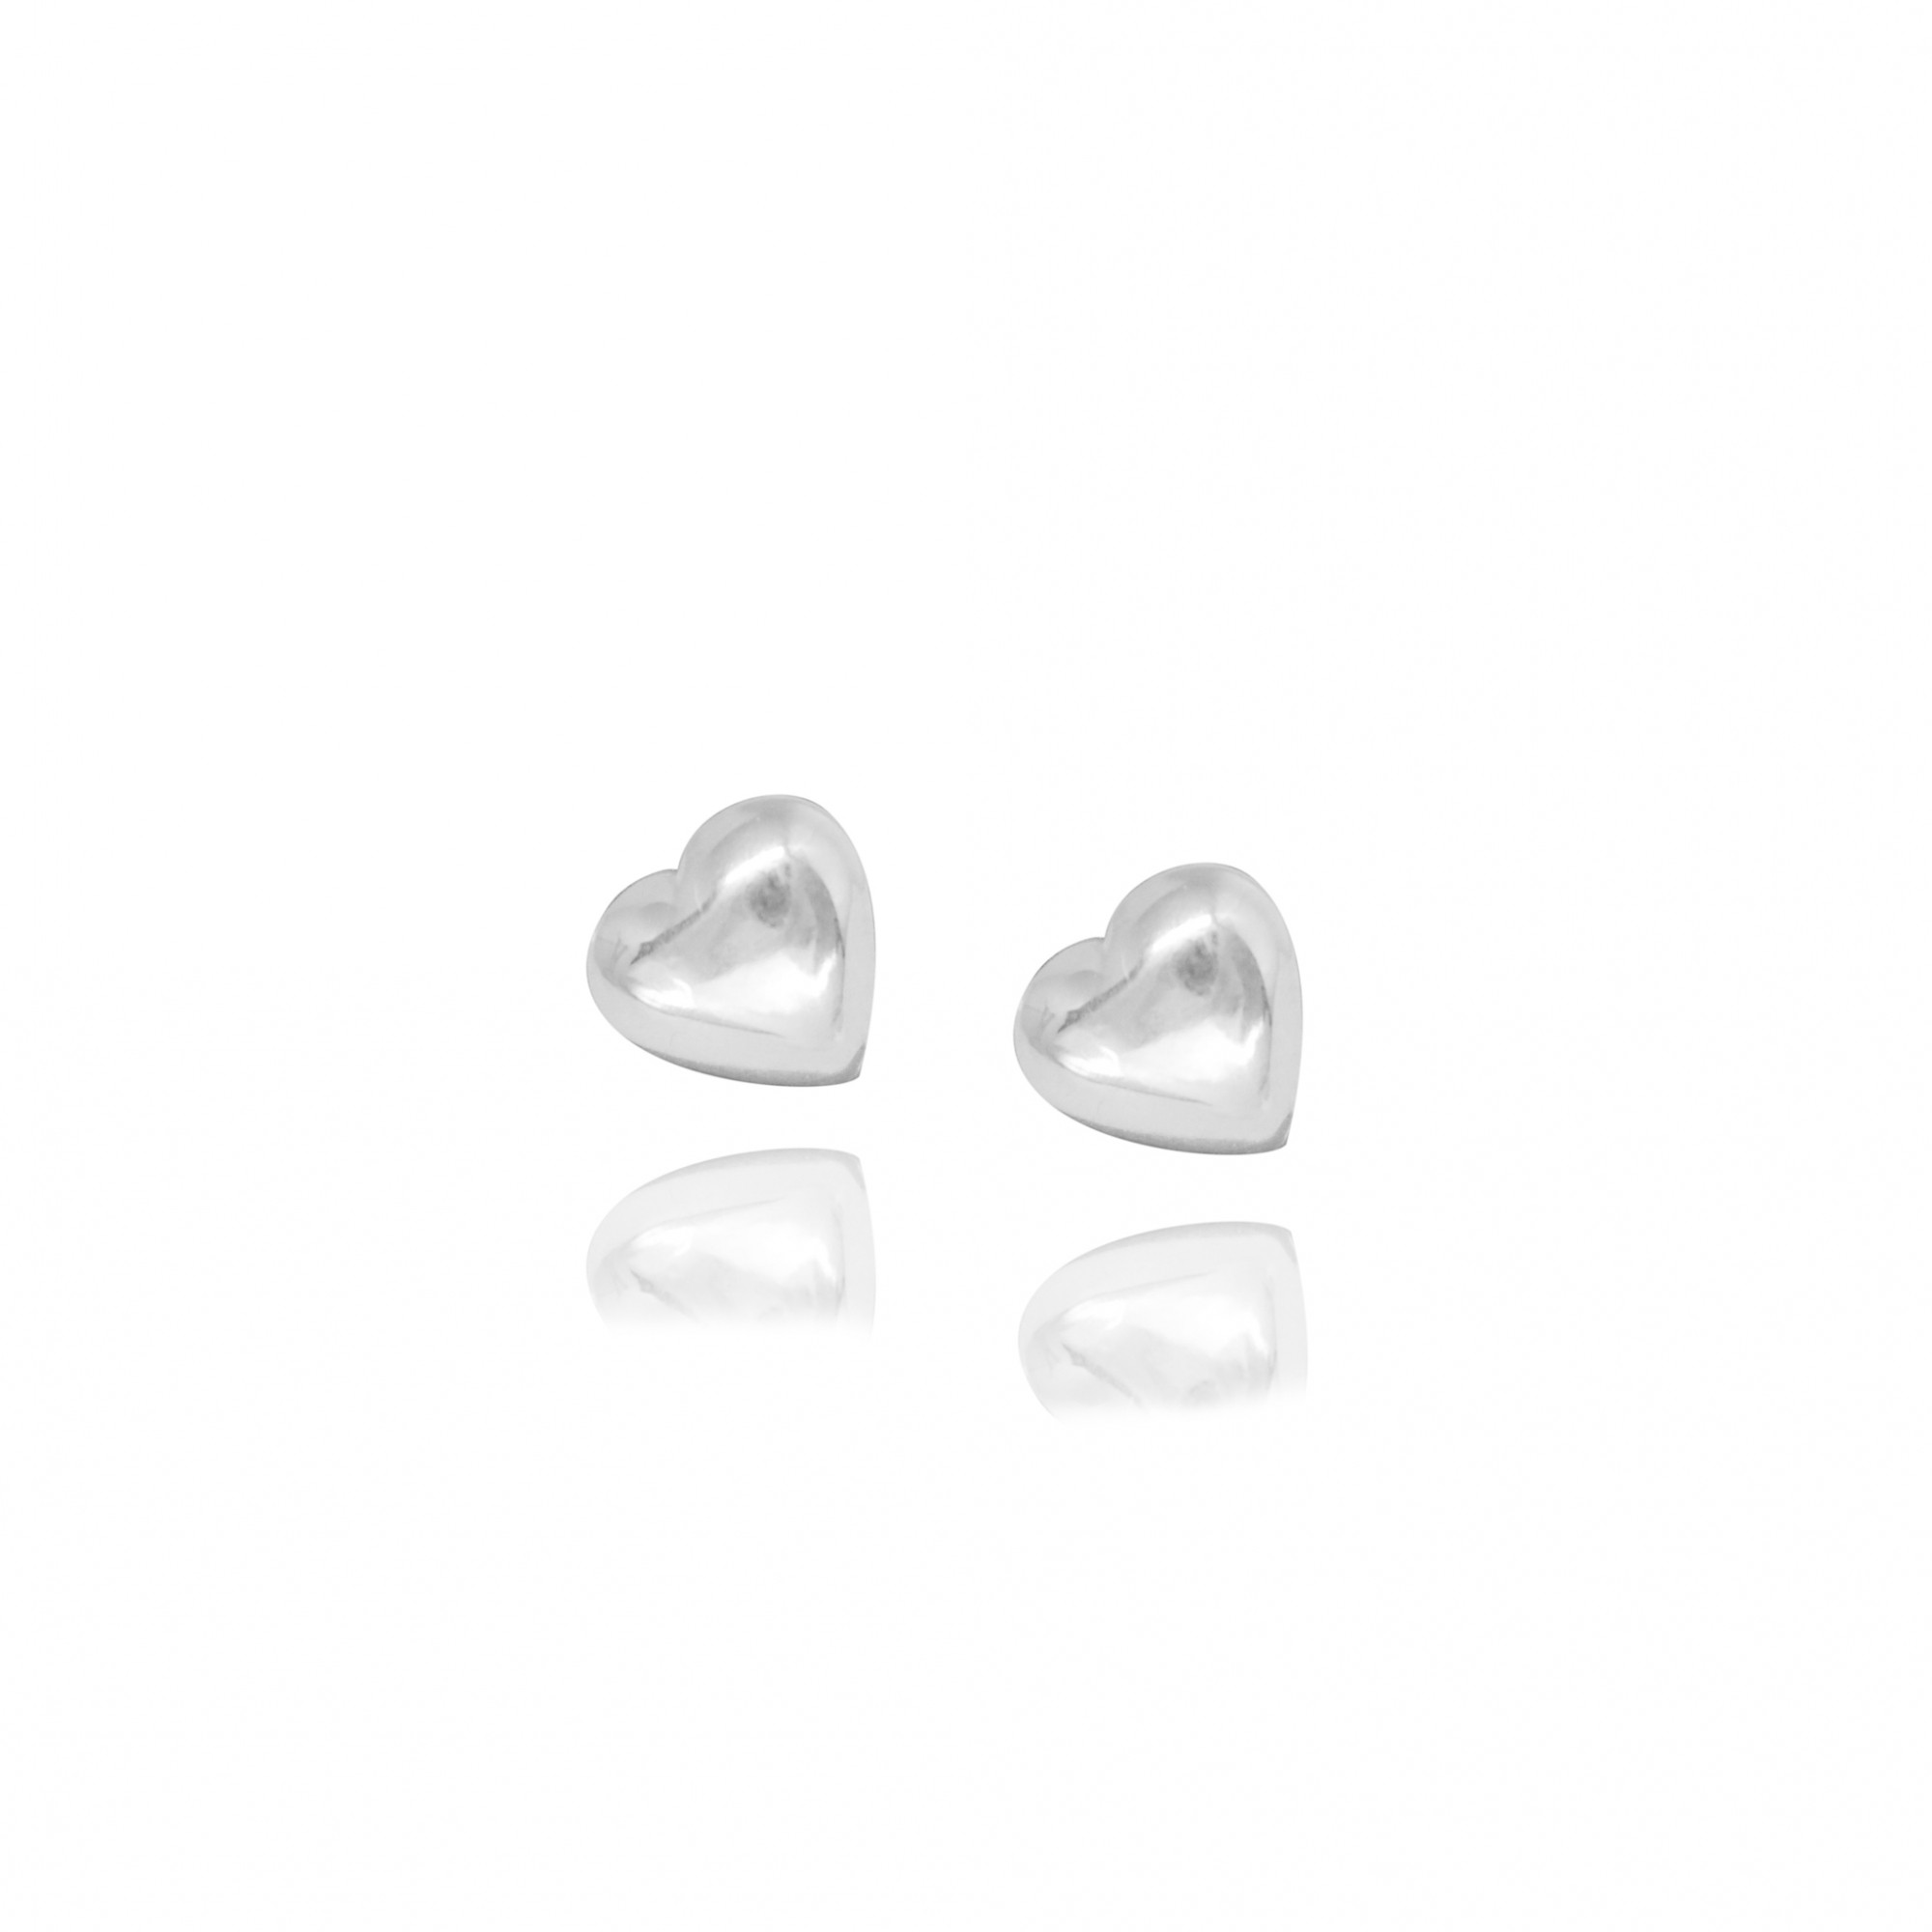 Brinco joia em prata 925 coração mini